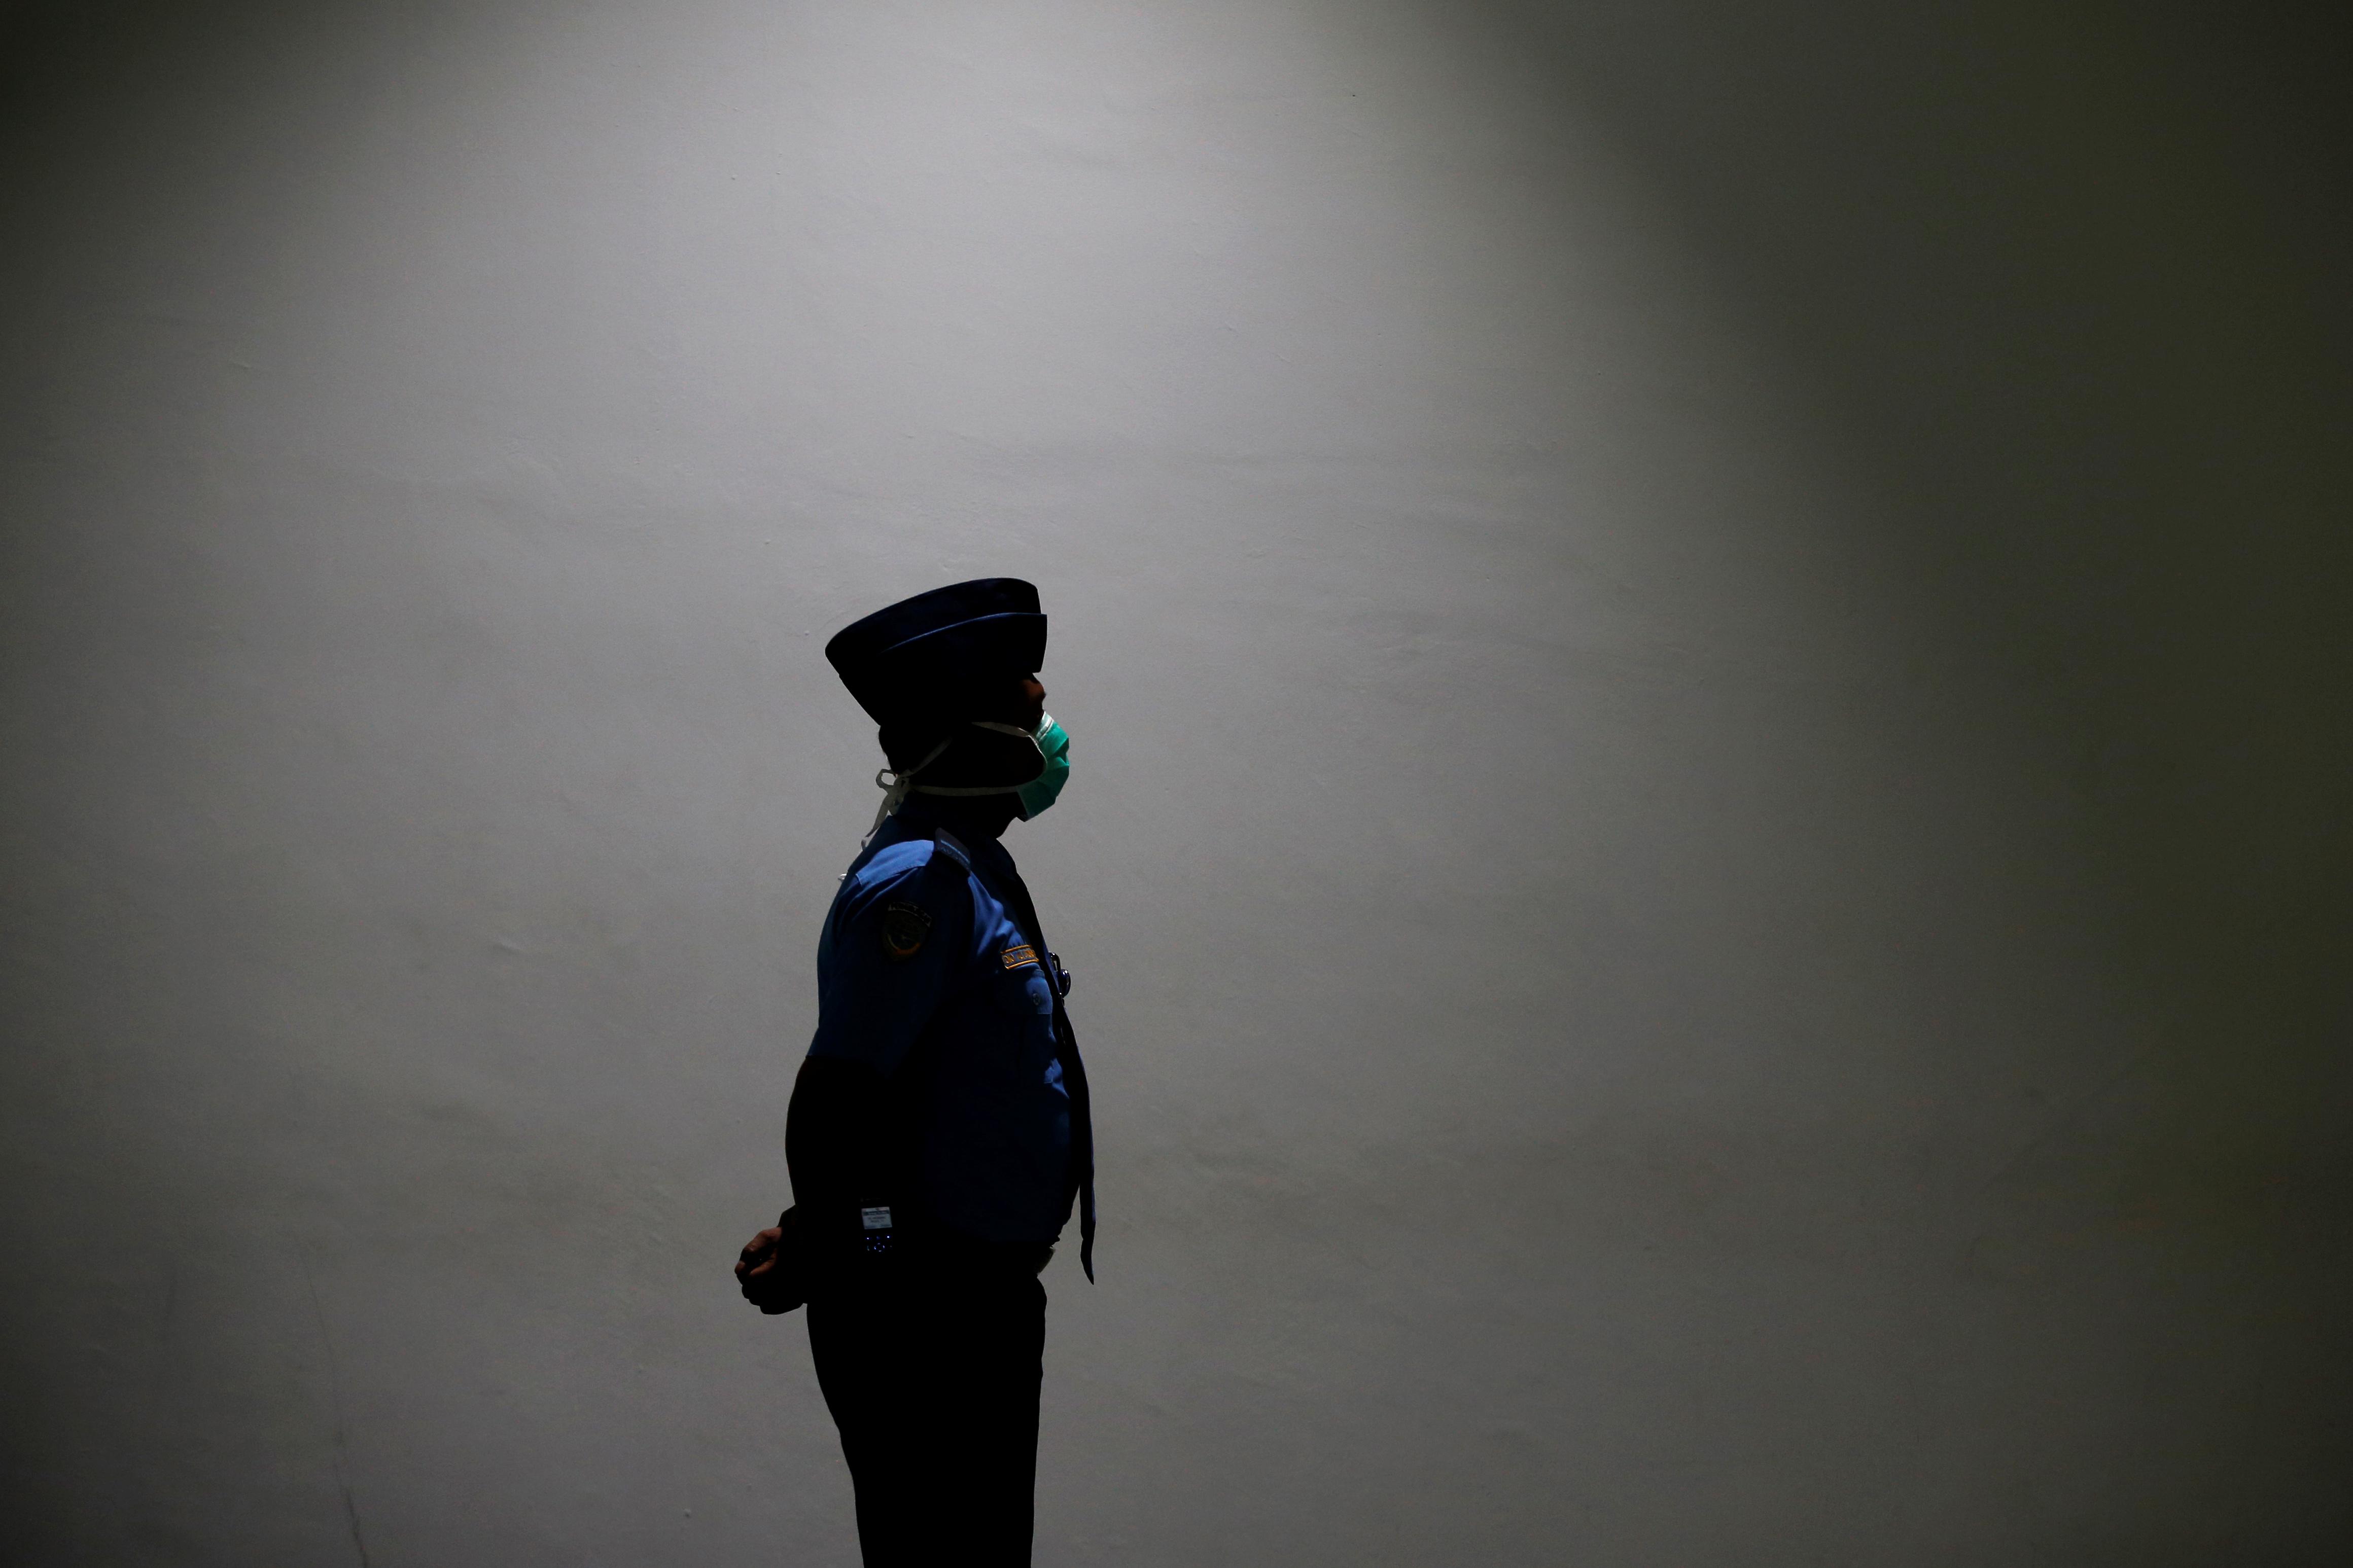 Un oficial de seguridad de aviación con máscara médica está de pie mientras protege en la terminal de llegadas internacionales del aeropuerto Soekarno Hatta cerca de Yakarta, Indonesia, el 21 de enero de 2020. REUTERS / Willy Kurniawan